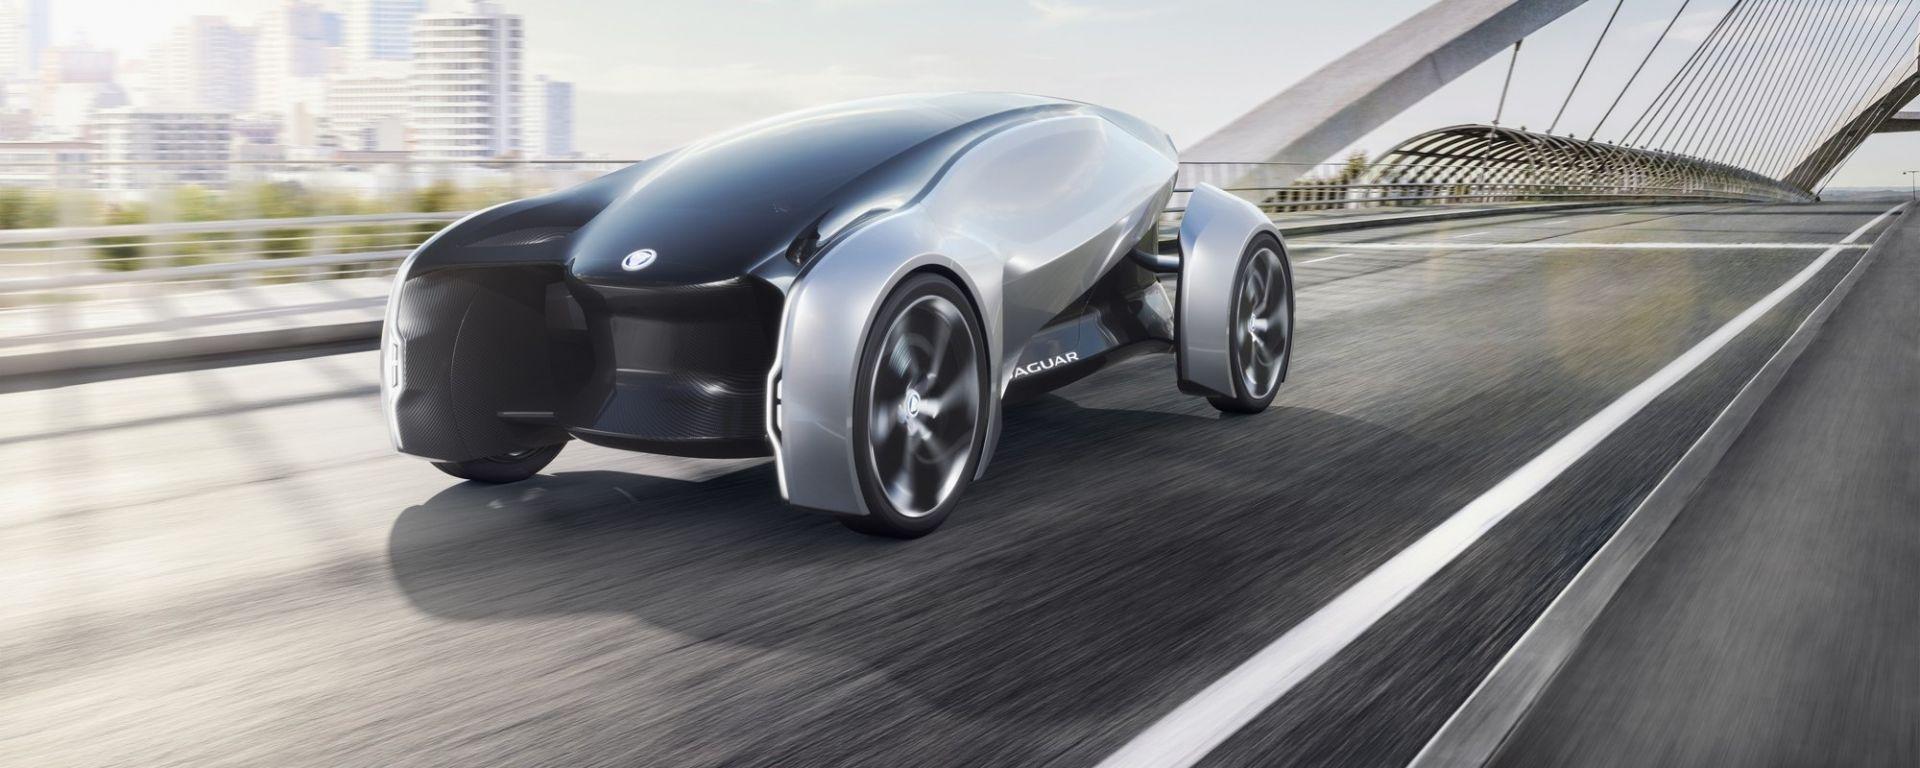 Jaguar Future-Type: l'auto elettrica che impiegherà Sayer